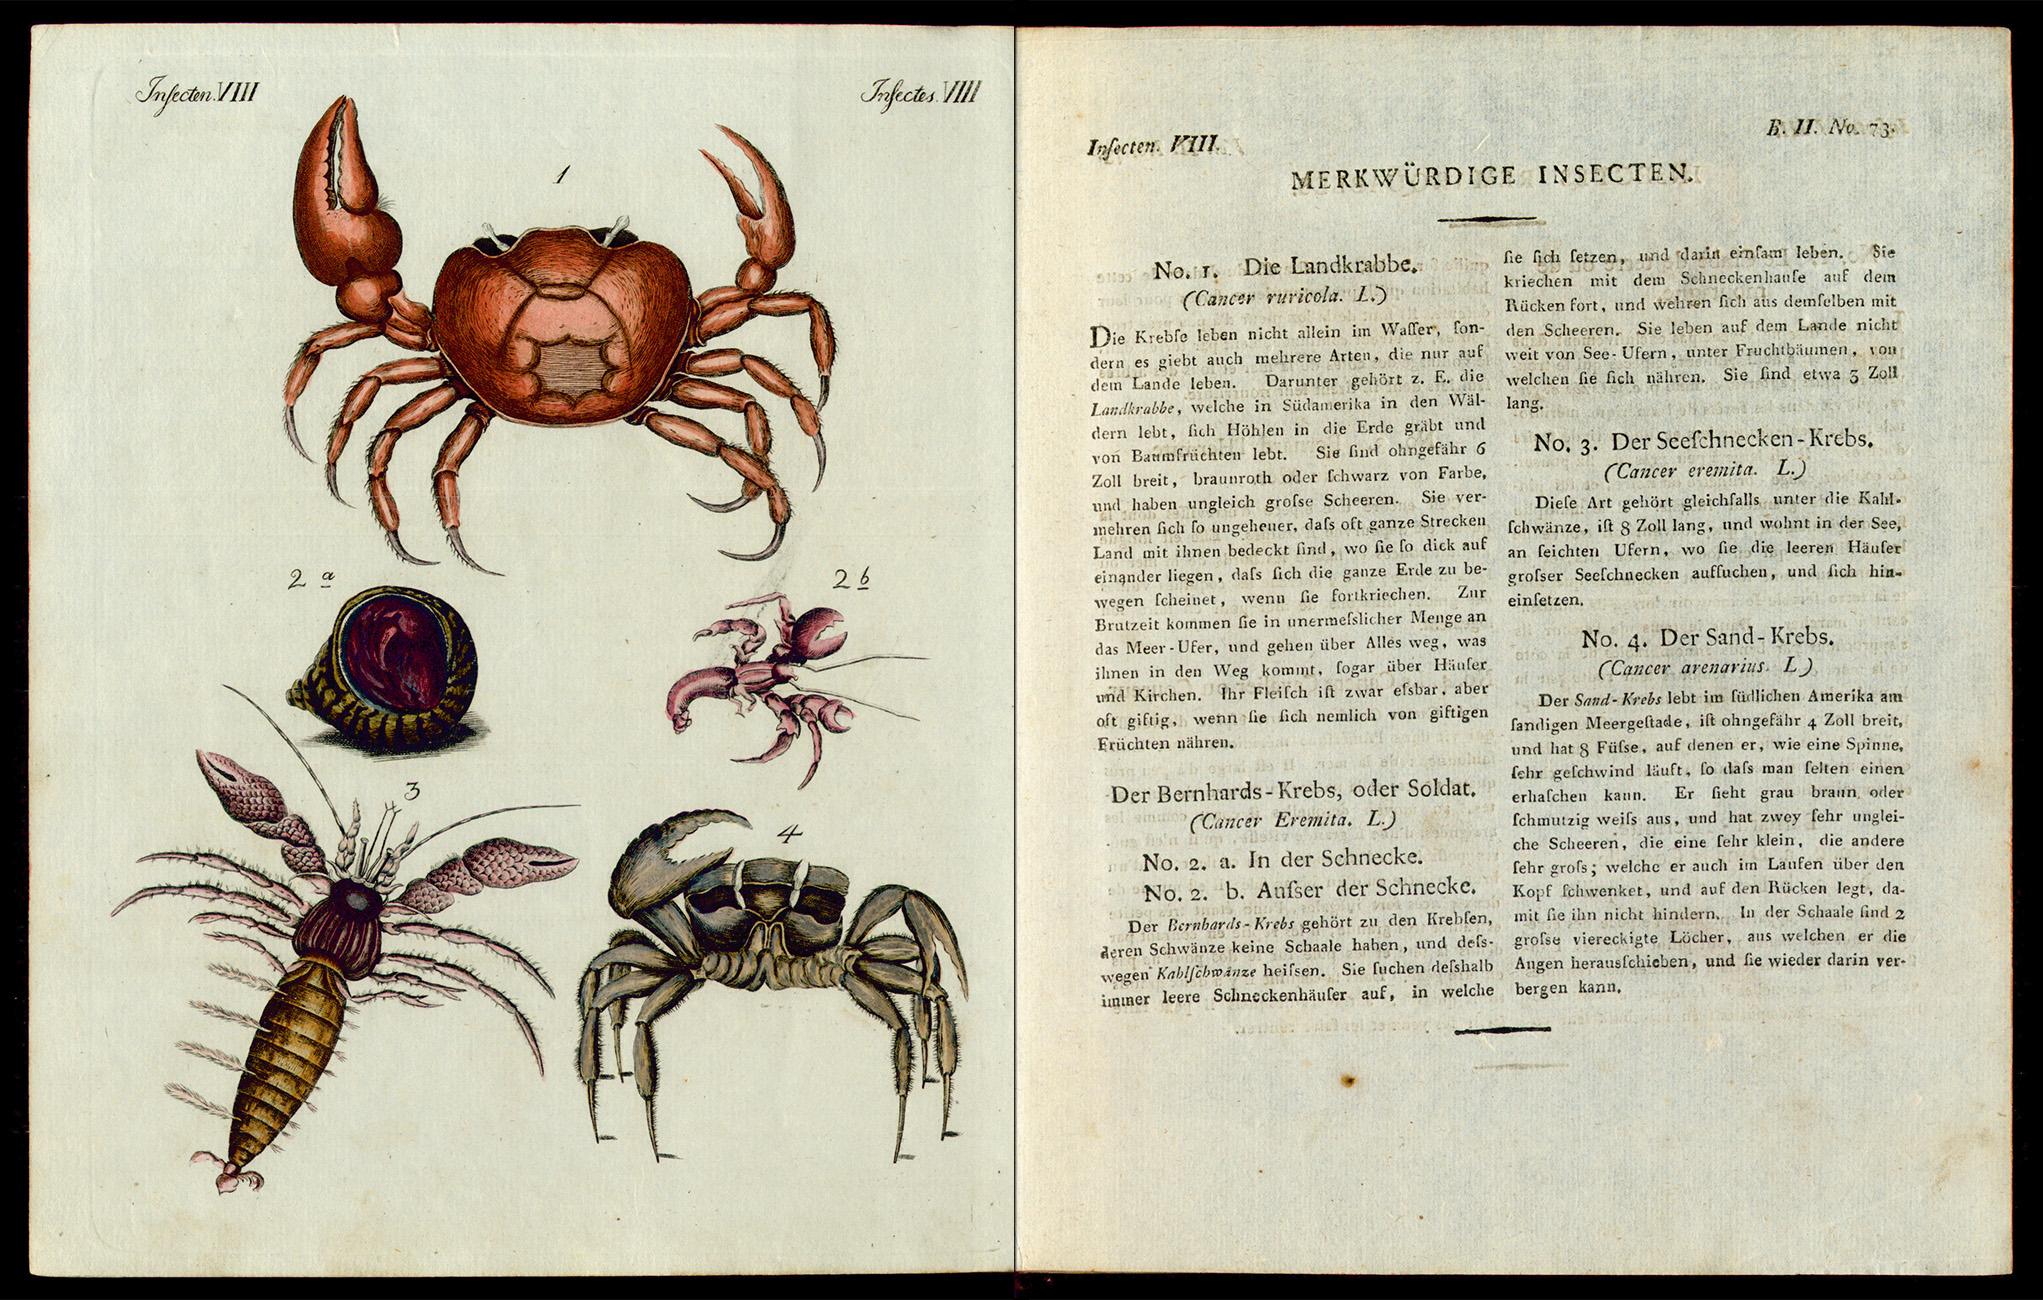 Friedrich Justin Bertuch, Bilderbuch für Kinder, B XXIII, 8-2 R, S. 302 und 303